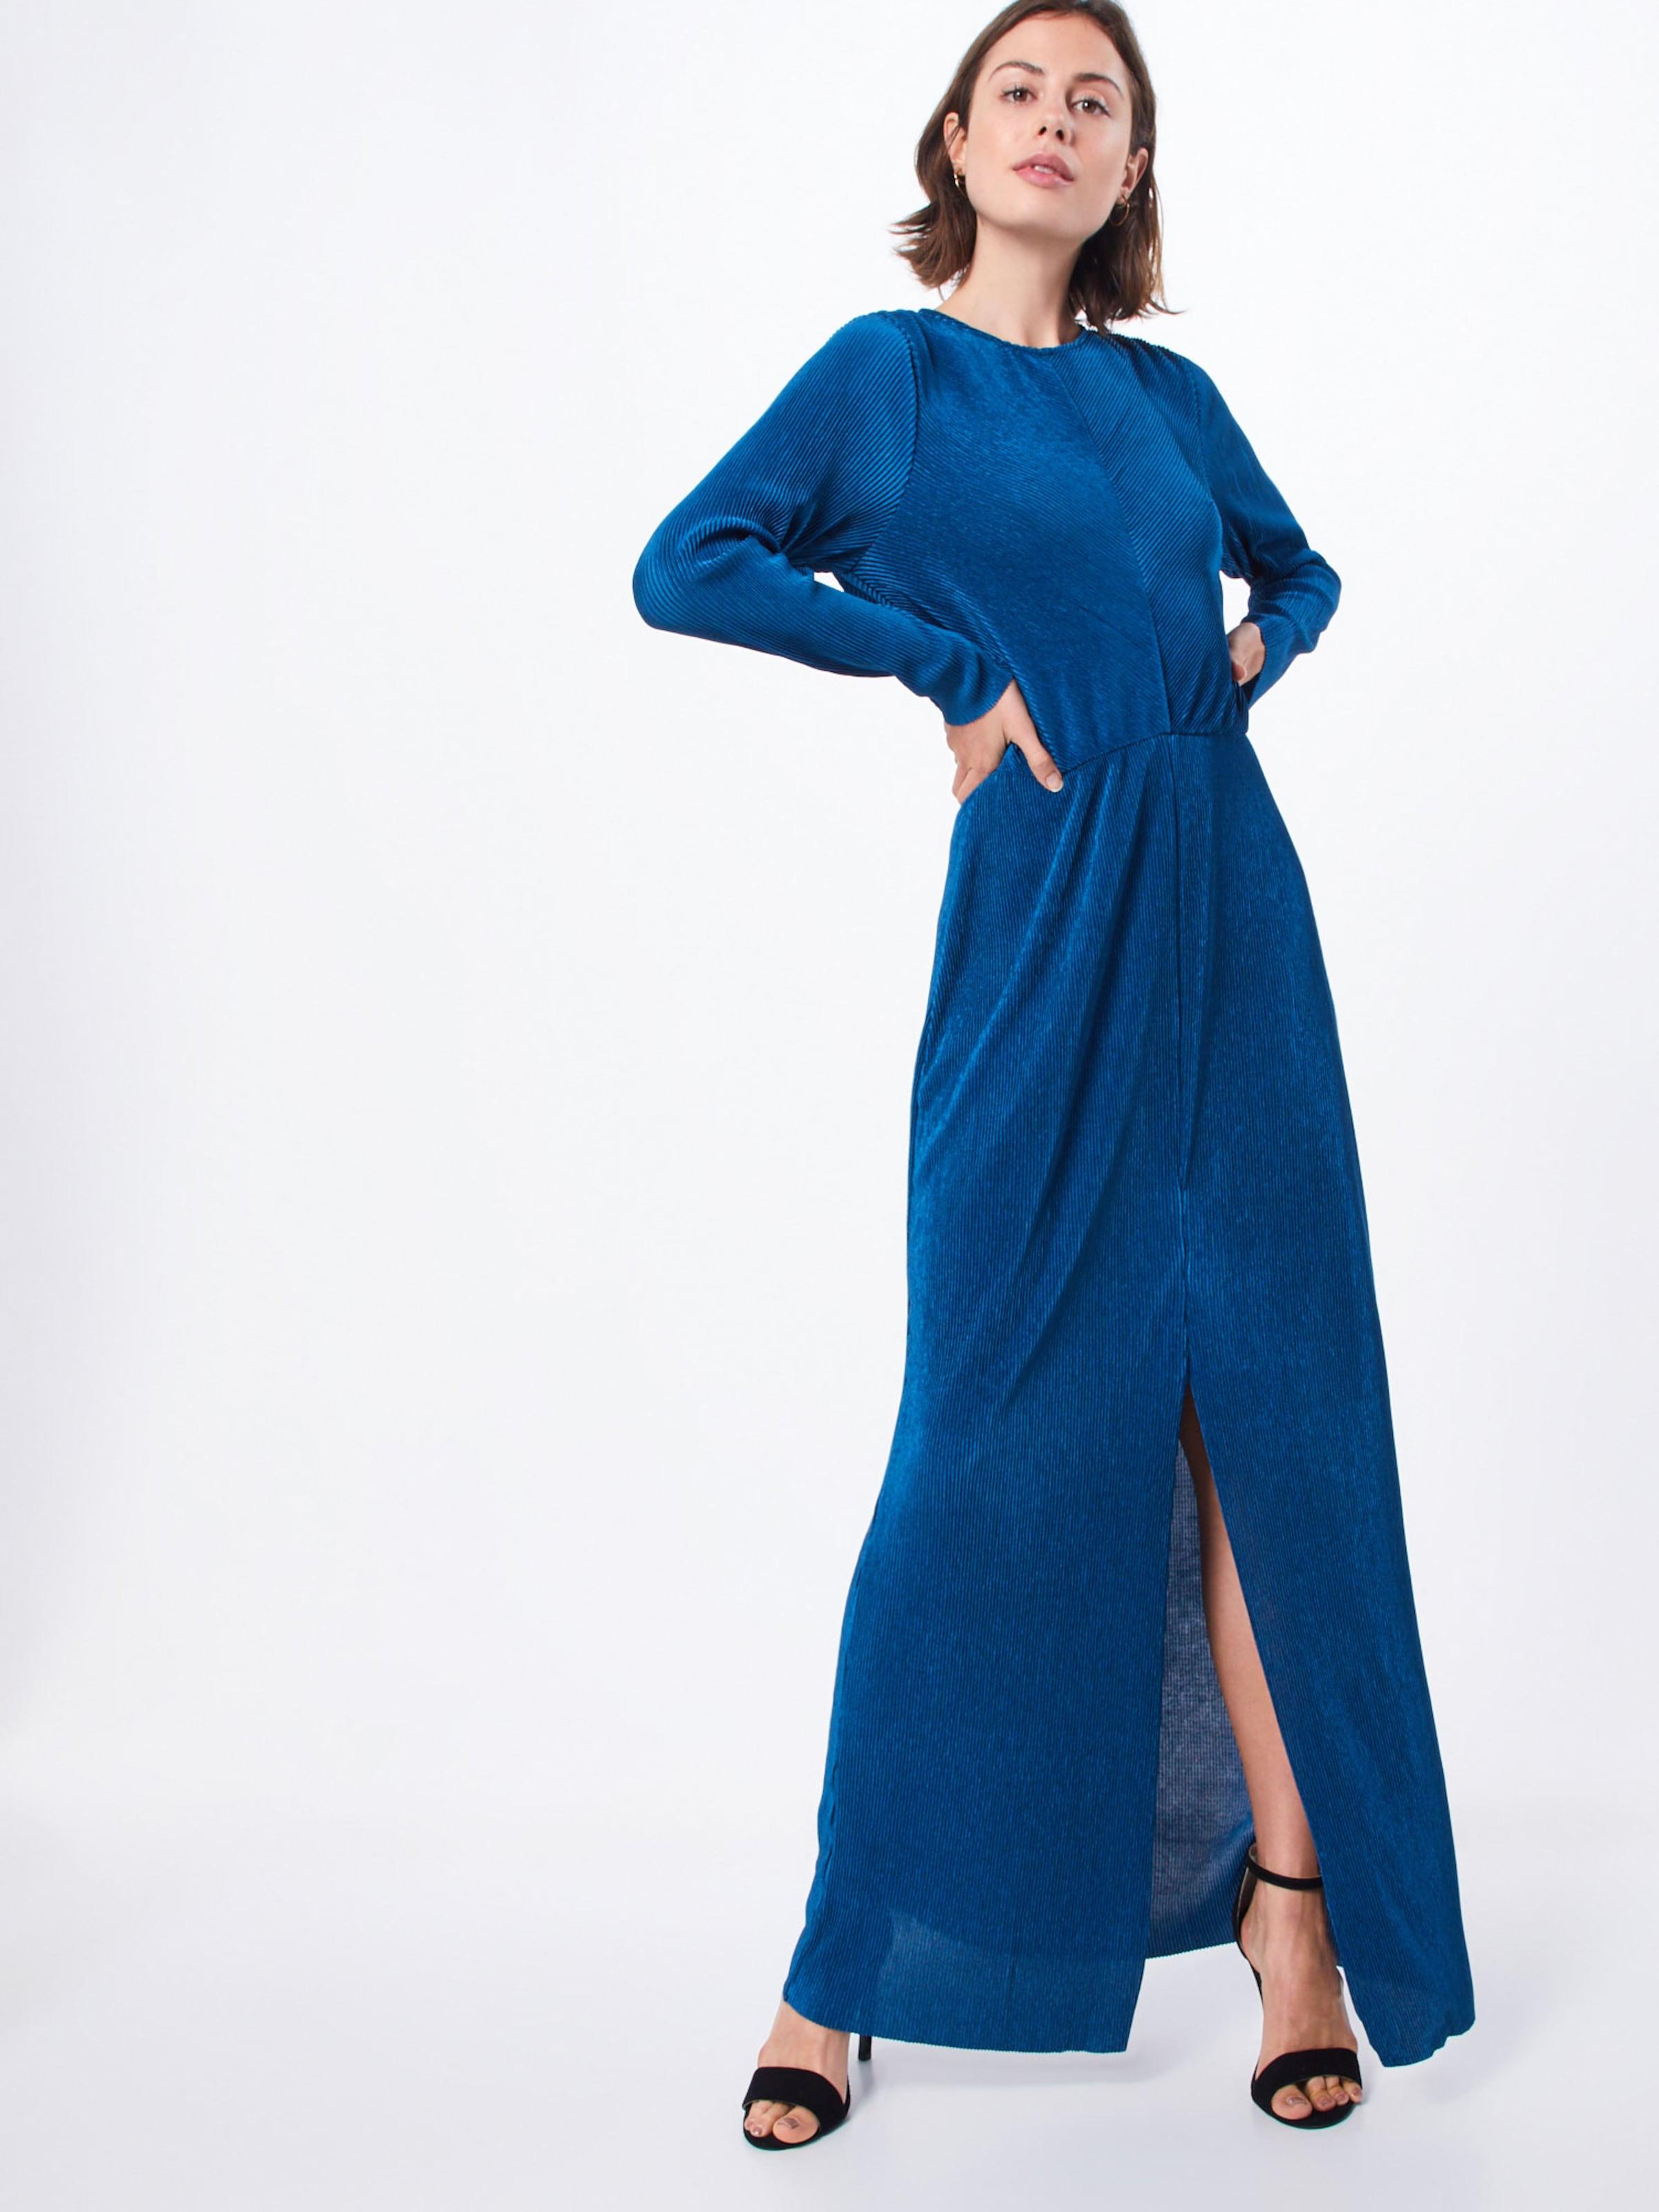 Samsoeamp; Abendkleid Blau Samsoeamp; Abendkleid 'olea' 'olea' In Yf76ybg